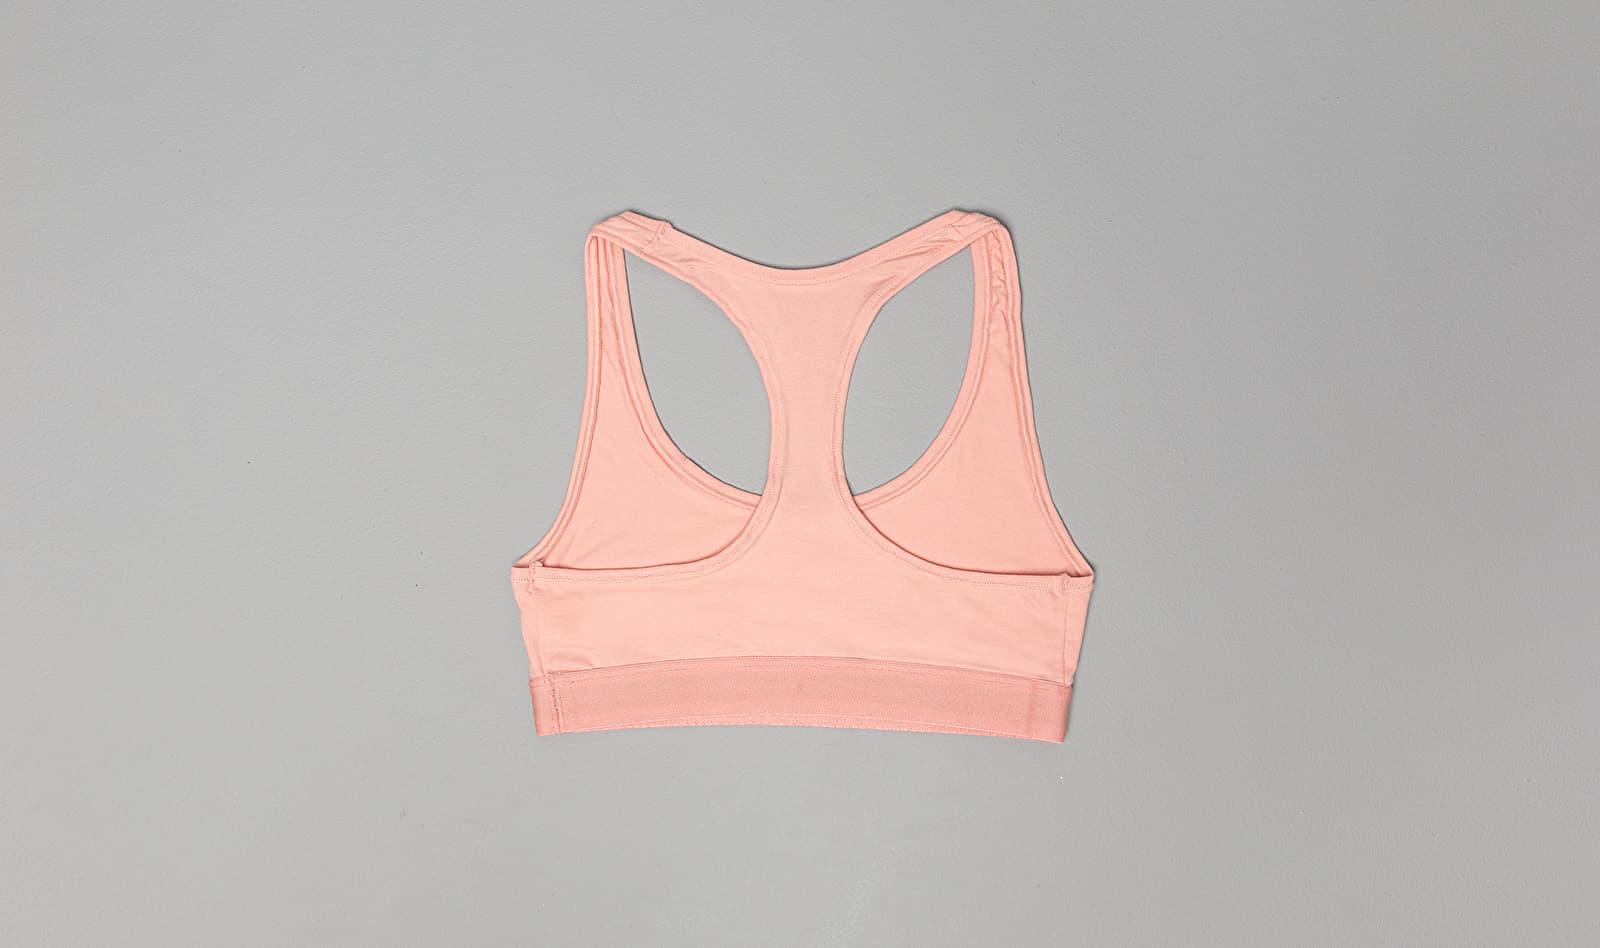 Tommy Hilfiger Tri-Color Bralette Pink